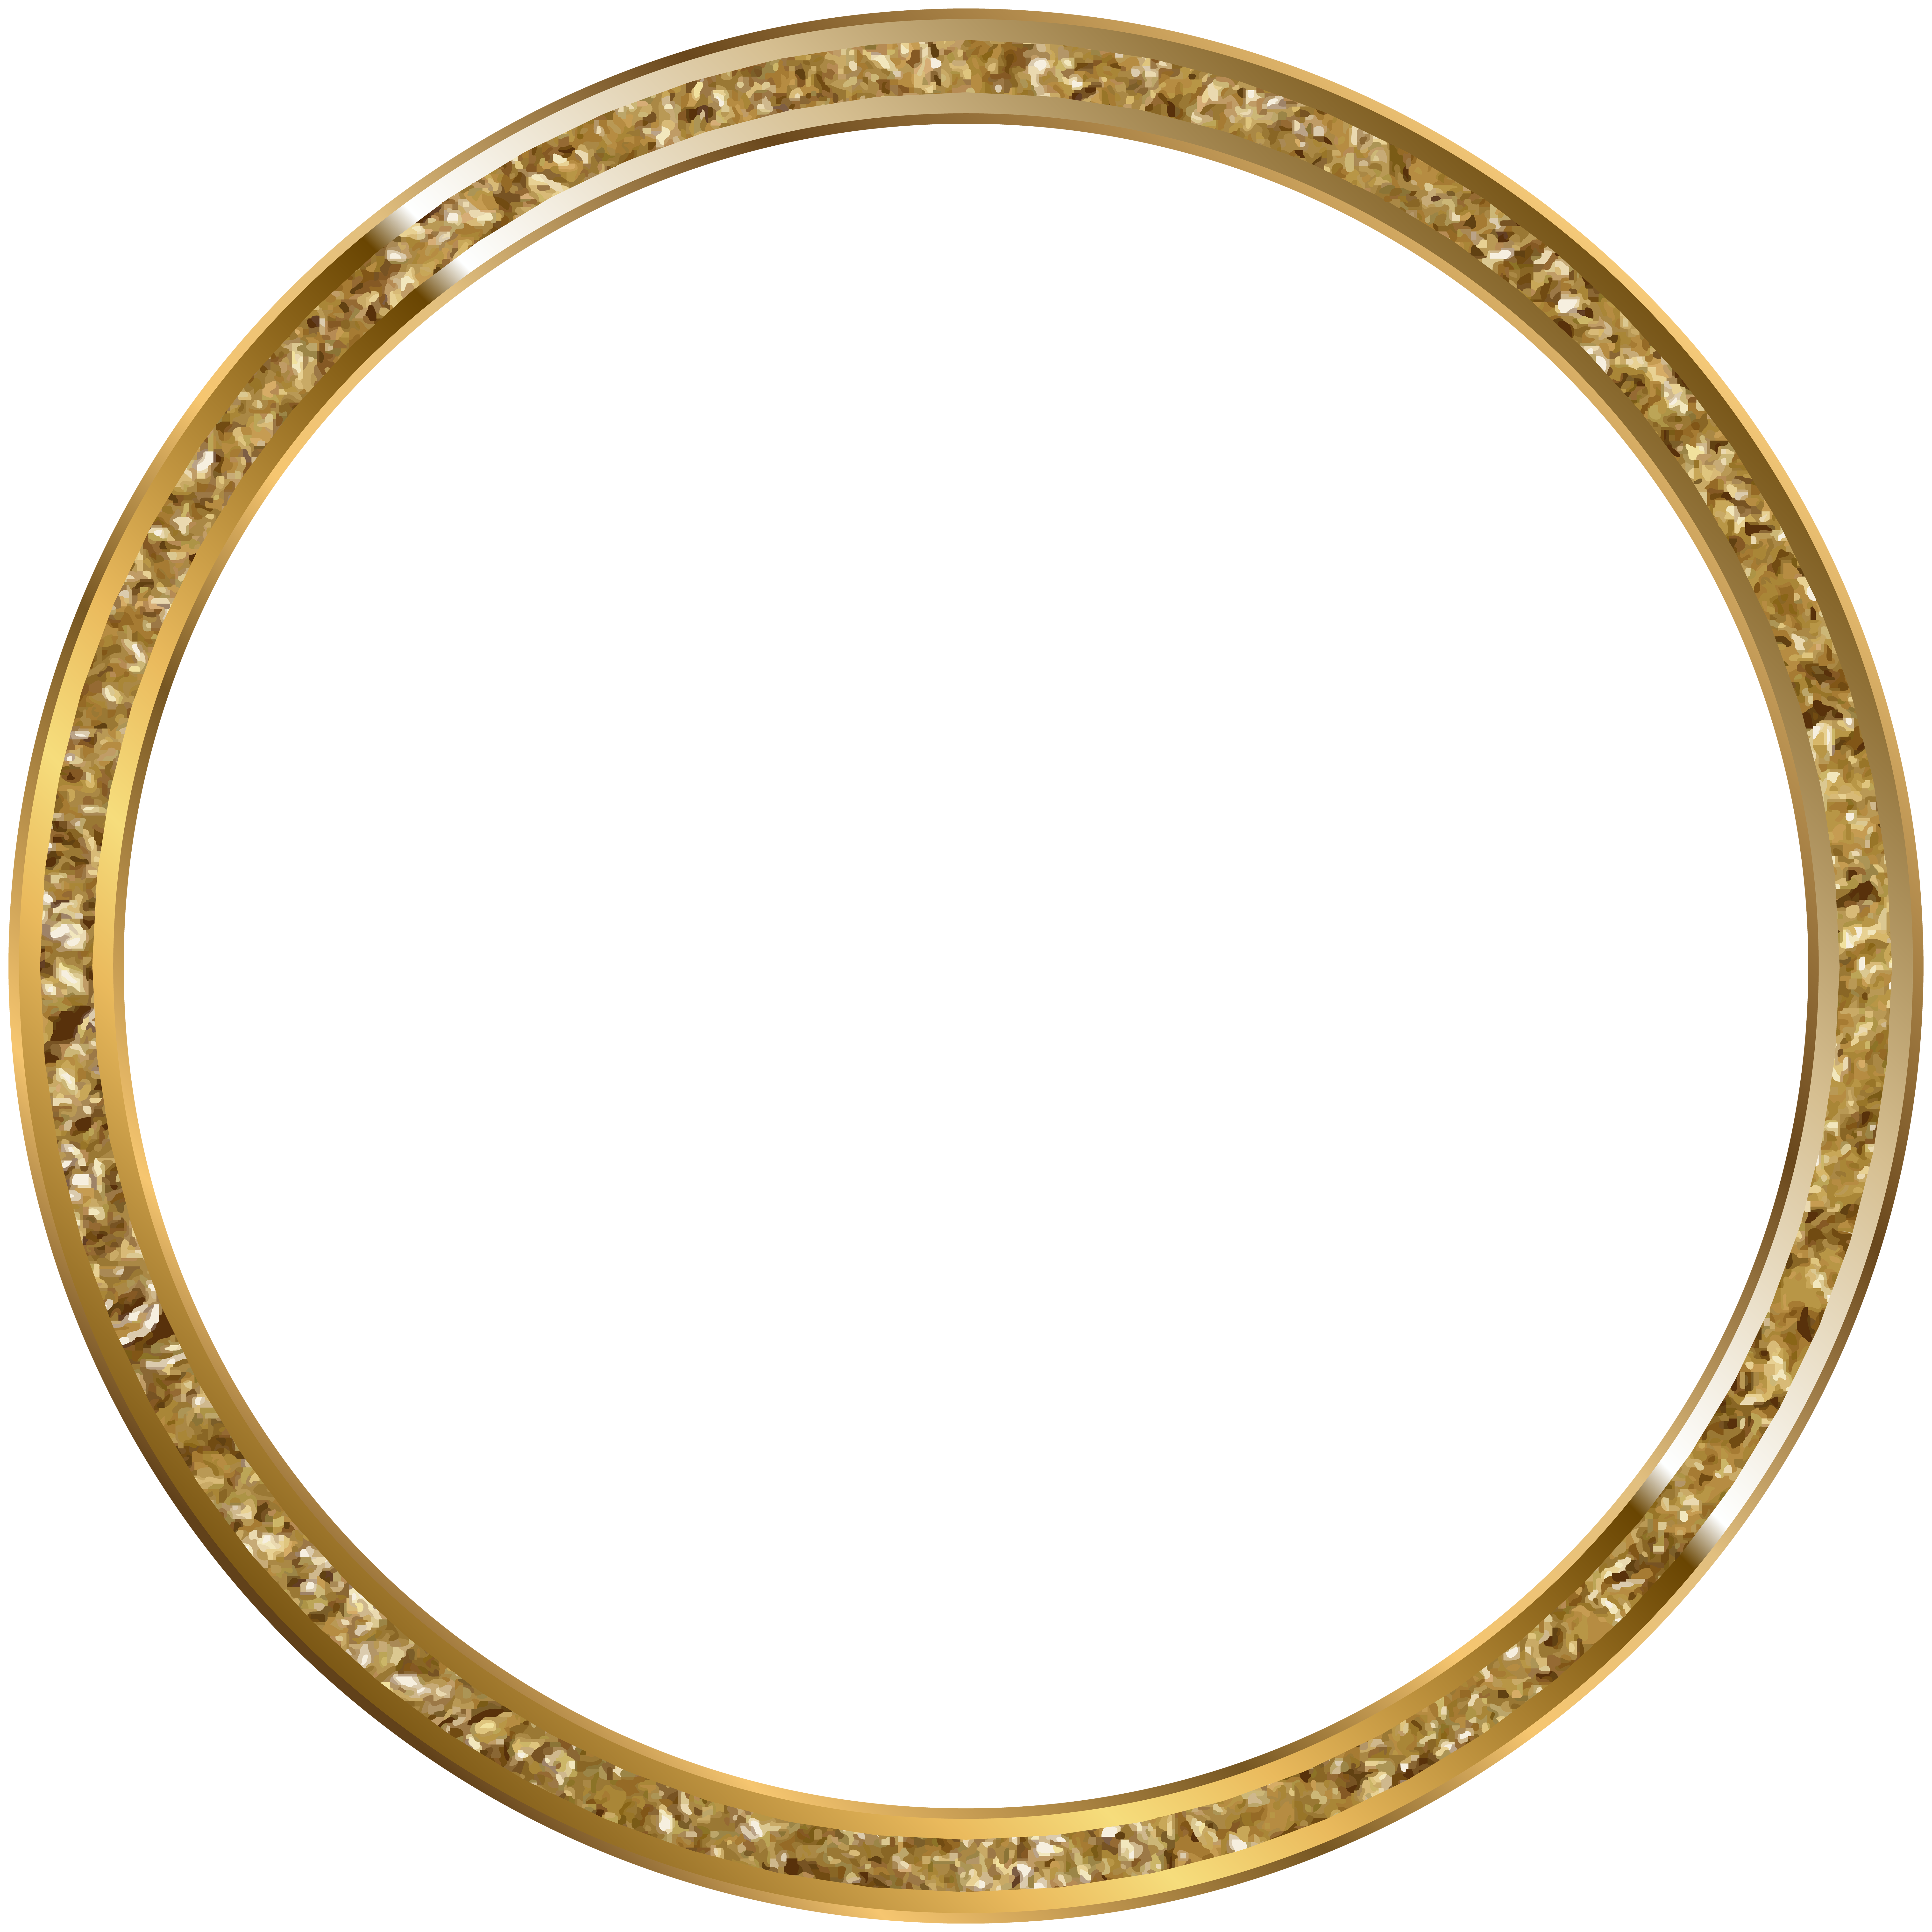 Round border frame gold. Clipart diamond banner